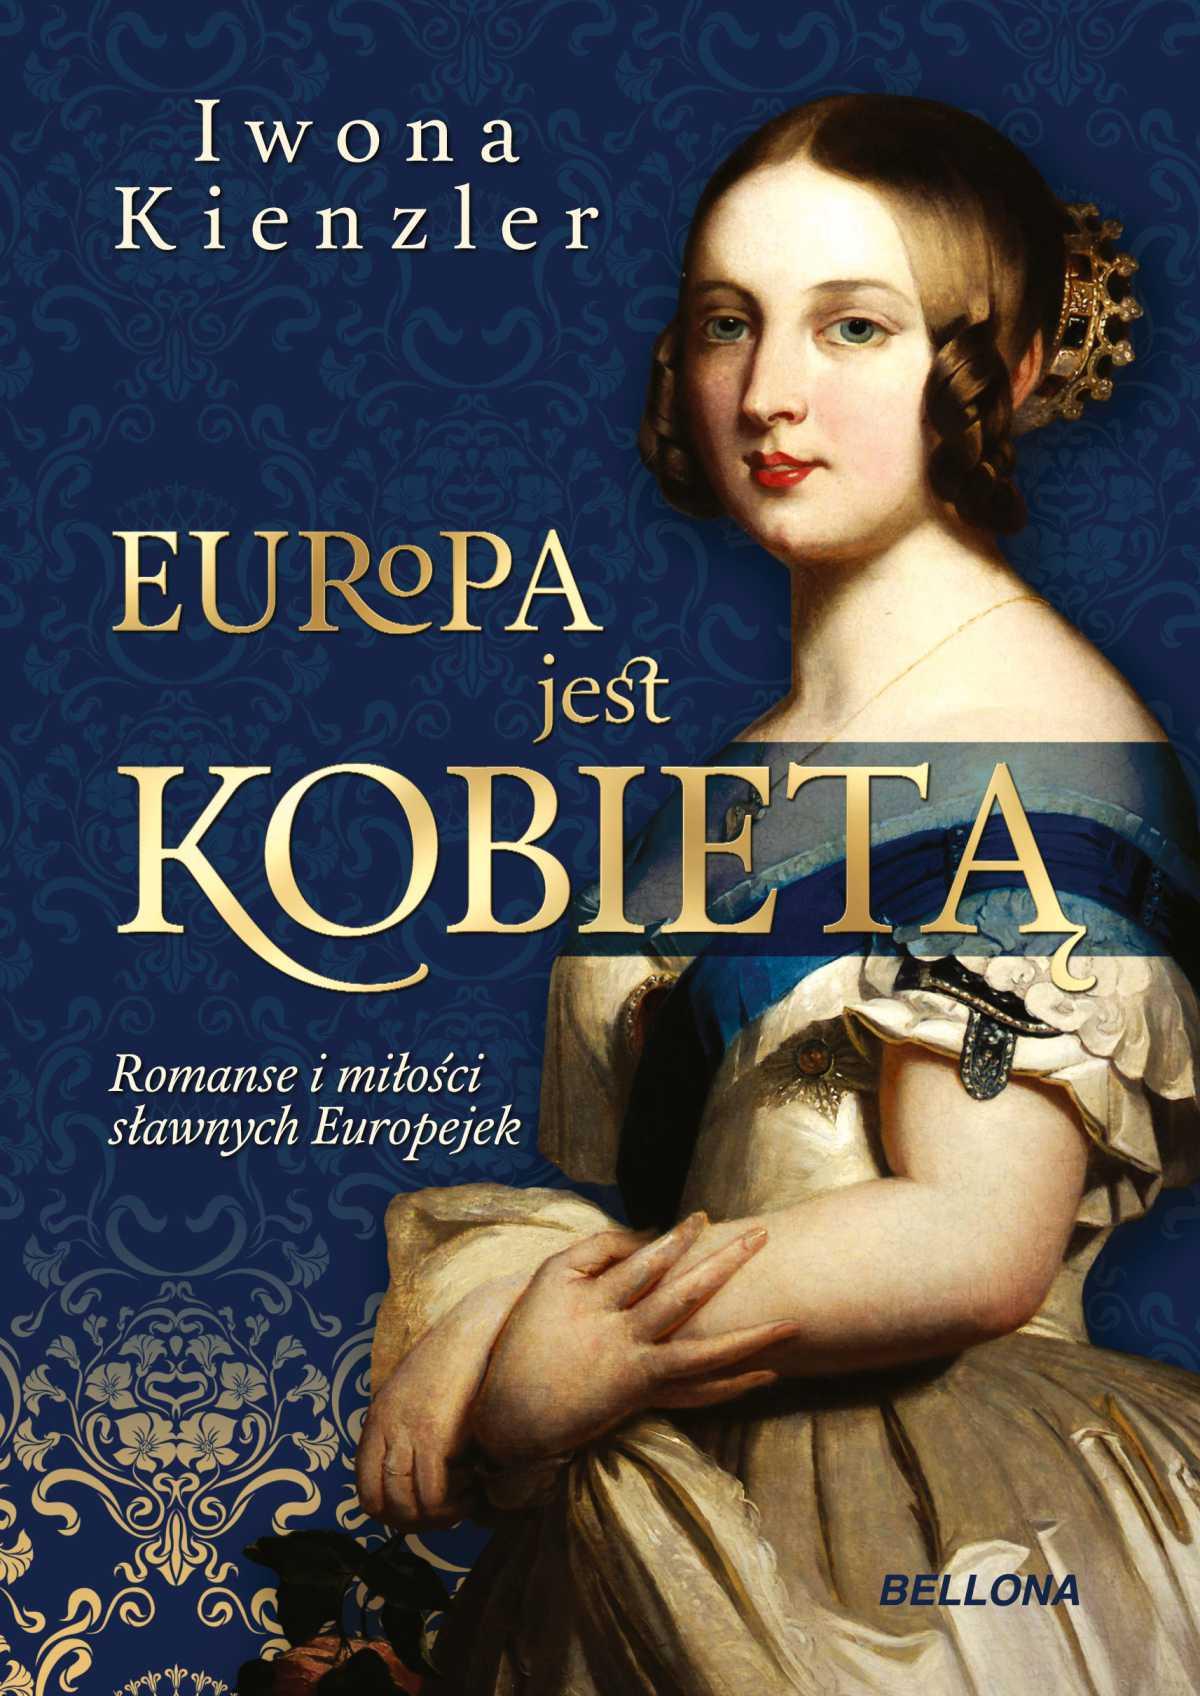 Europa jest kobietą - Ebook (Książka na Kindle) do pobrania w formacie MOBI